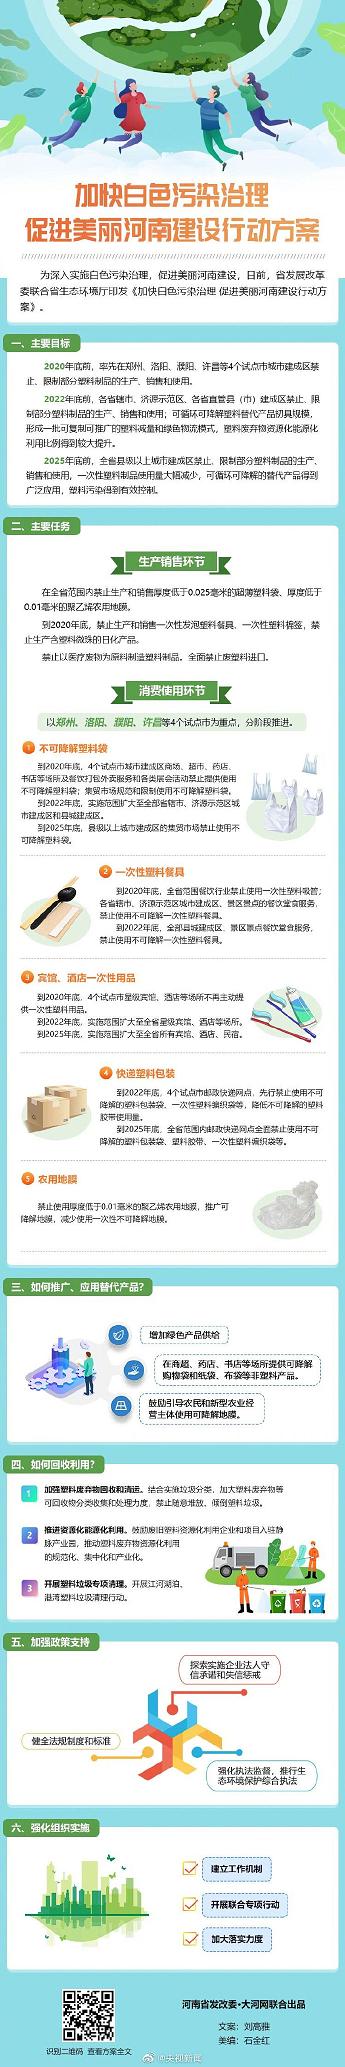 河南禁止生产销售一次性塑料制品图片